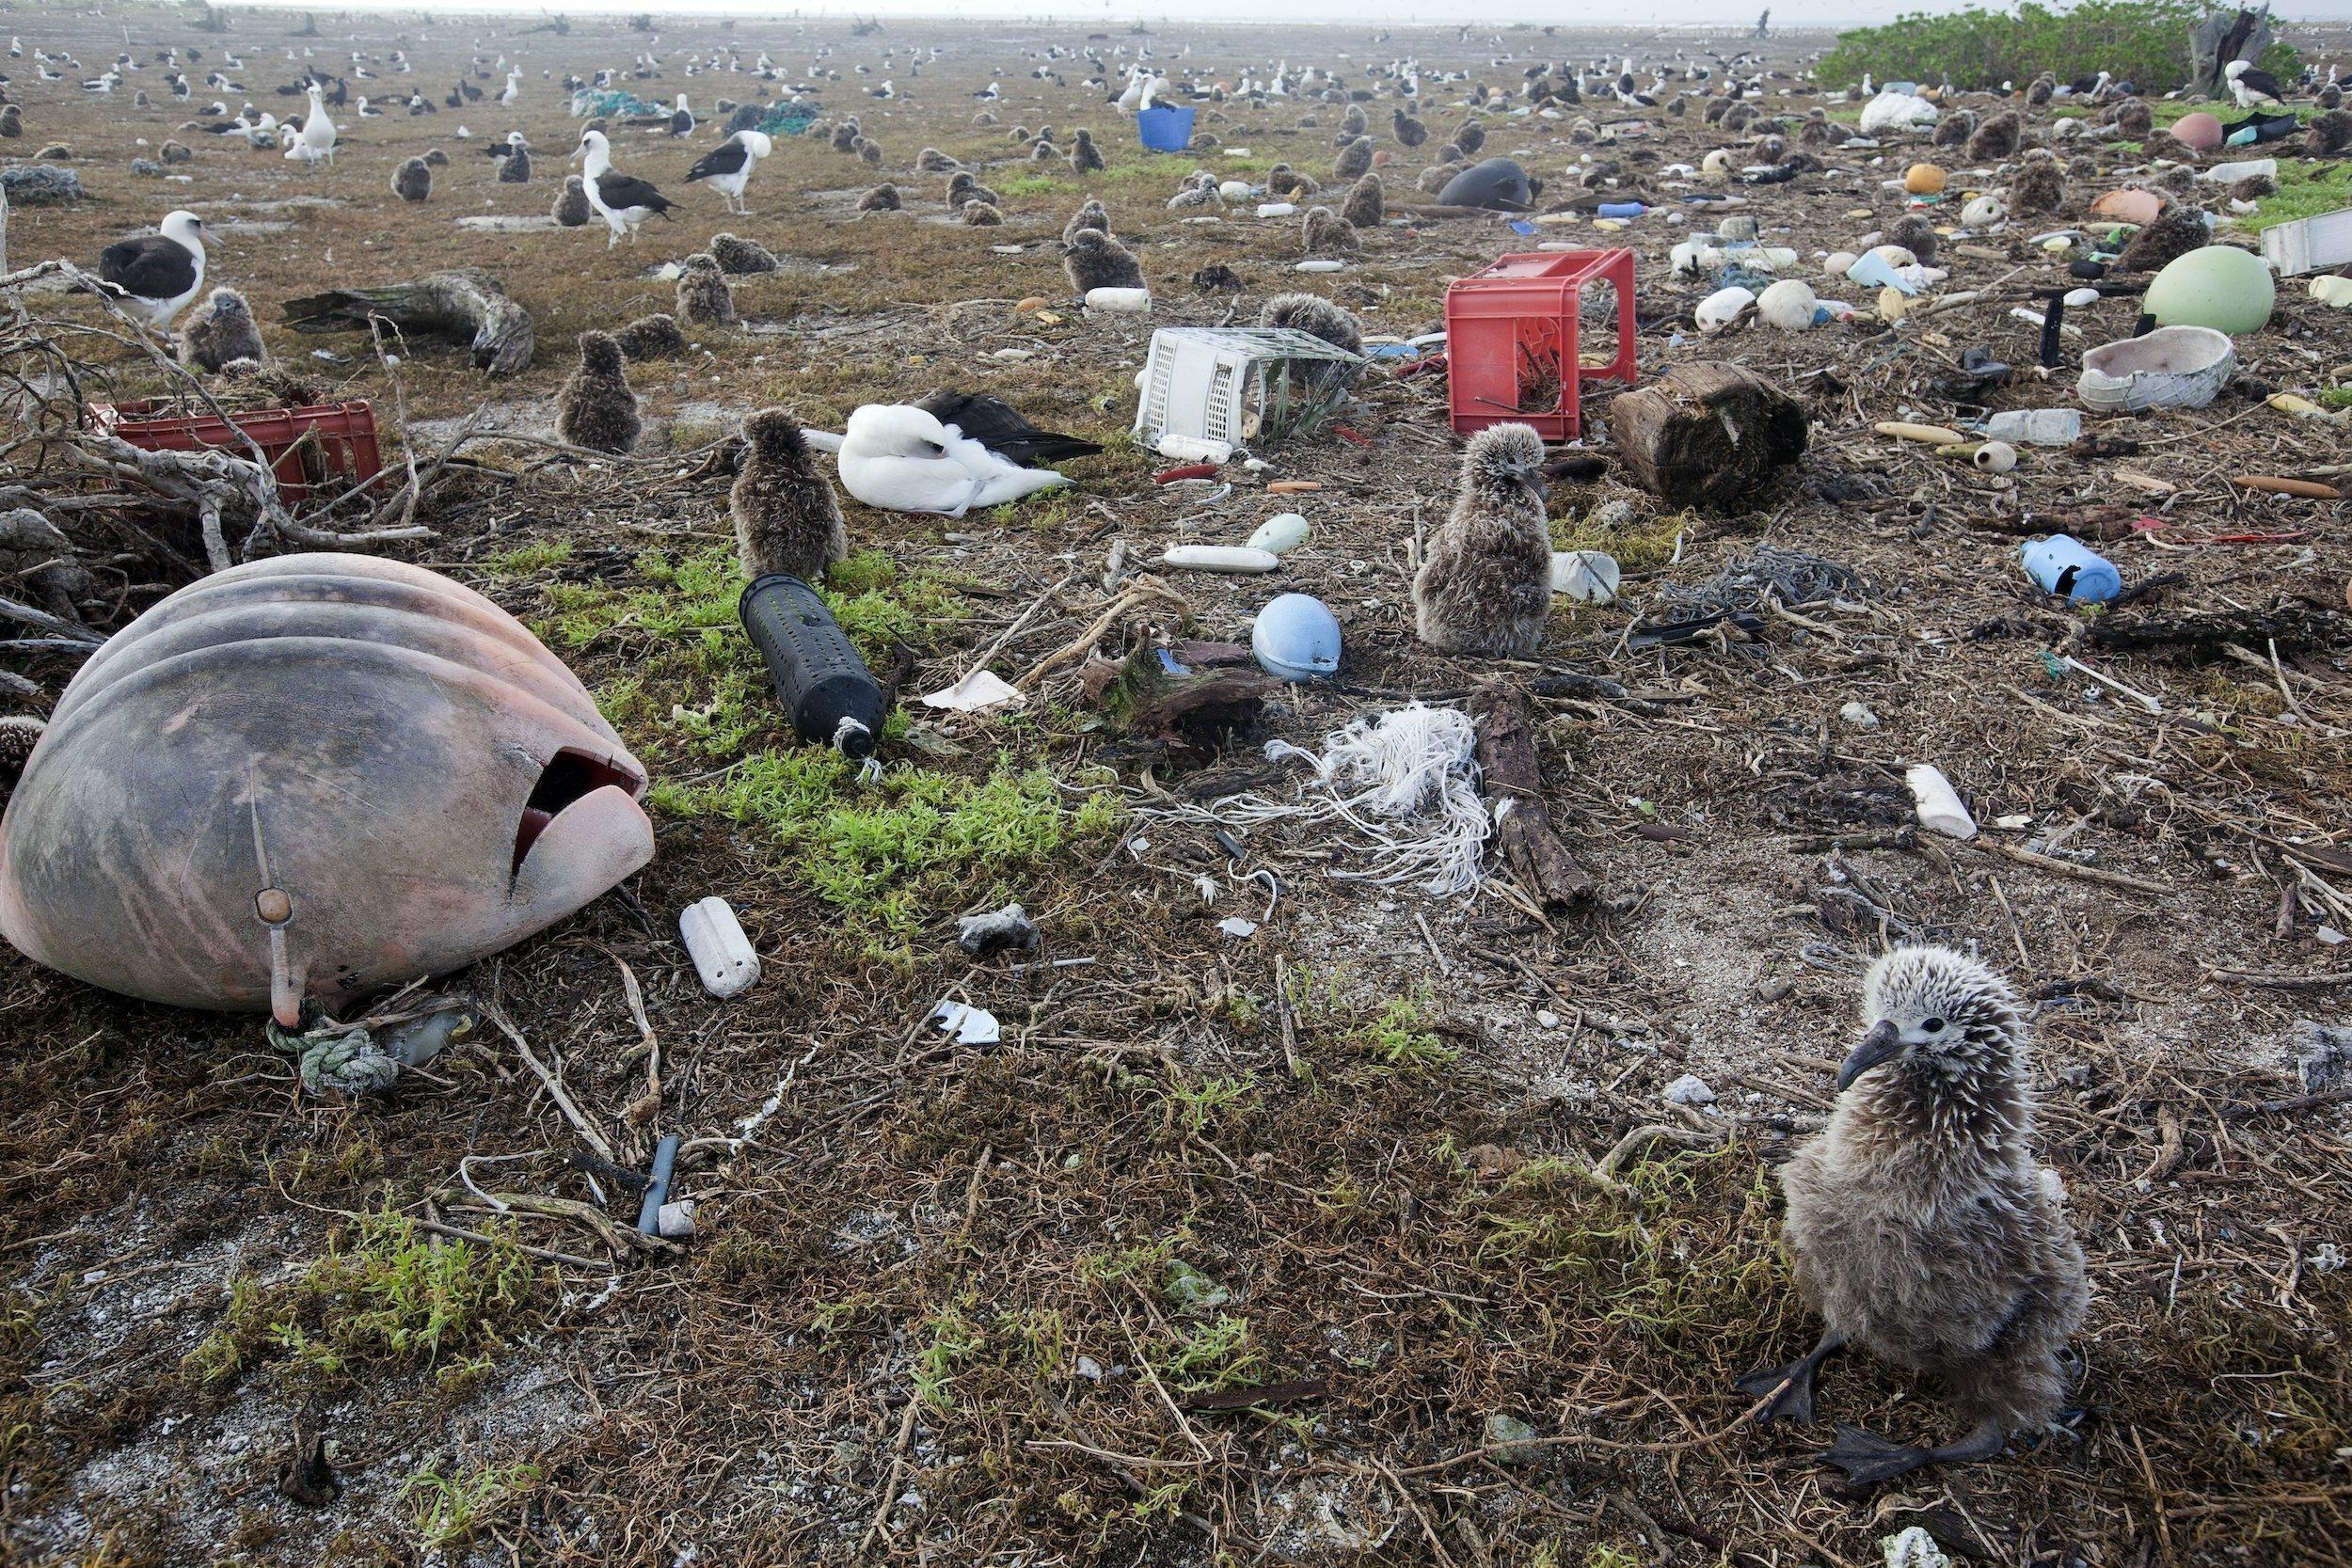 Flauschige braune Küken sitzen zwischen Müll aus Plastik, darunter eine rote Bierkiste, eine schwarze Plastikflasche, Netzreste und eine große Boje.